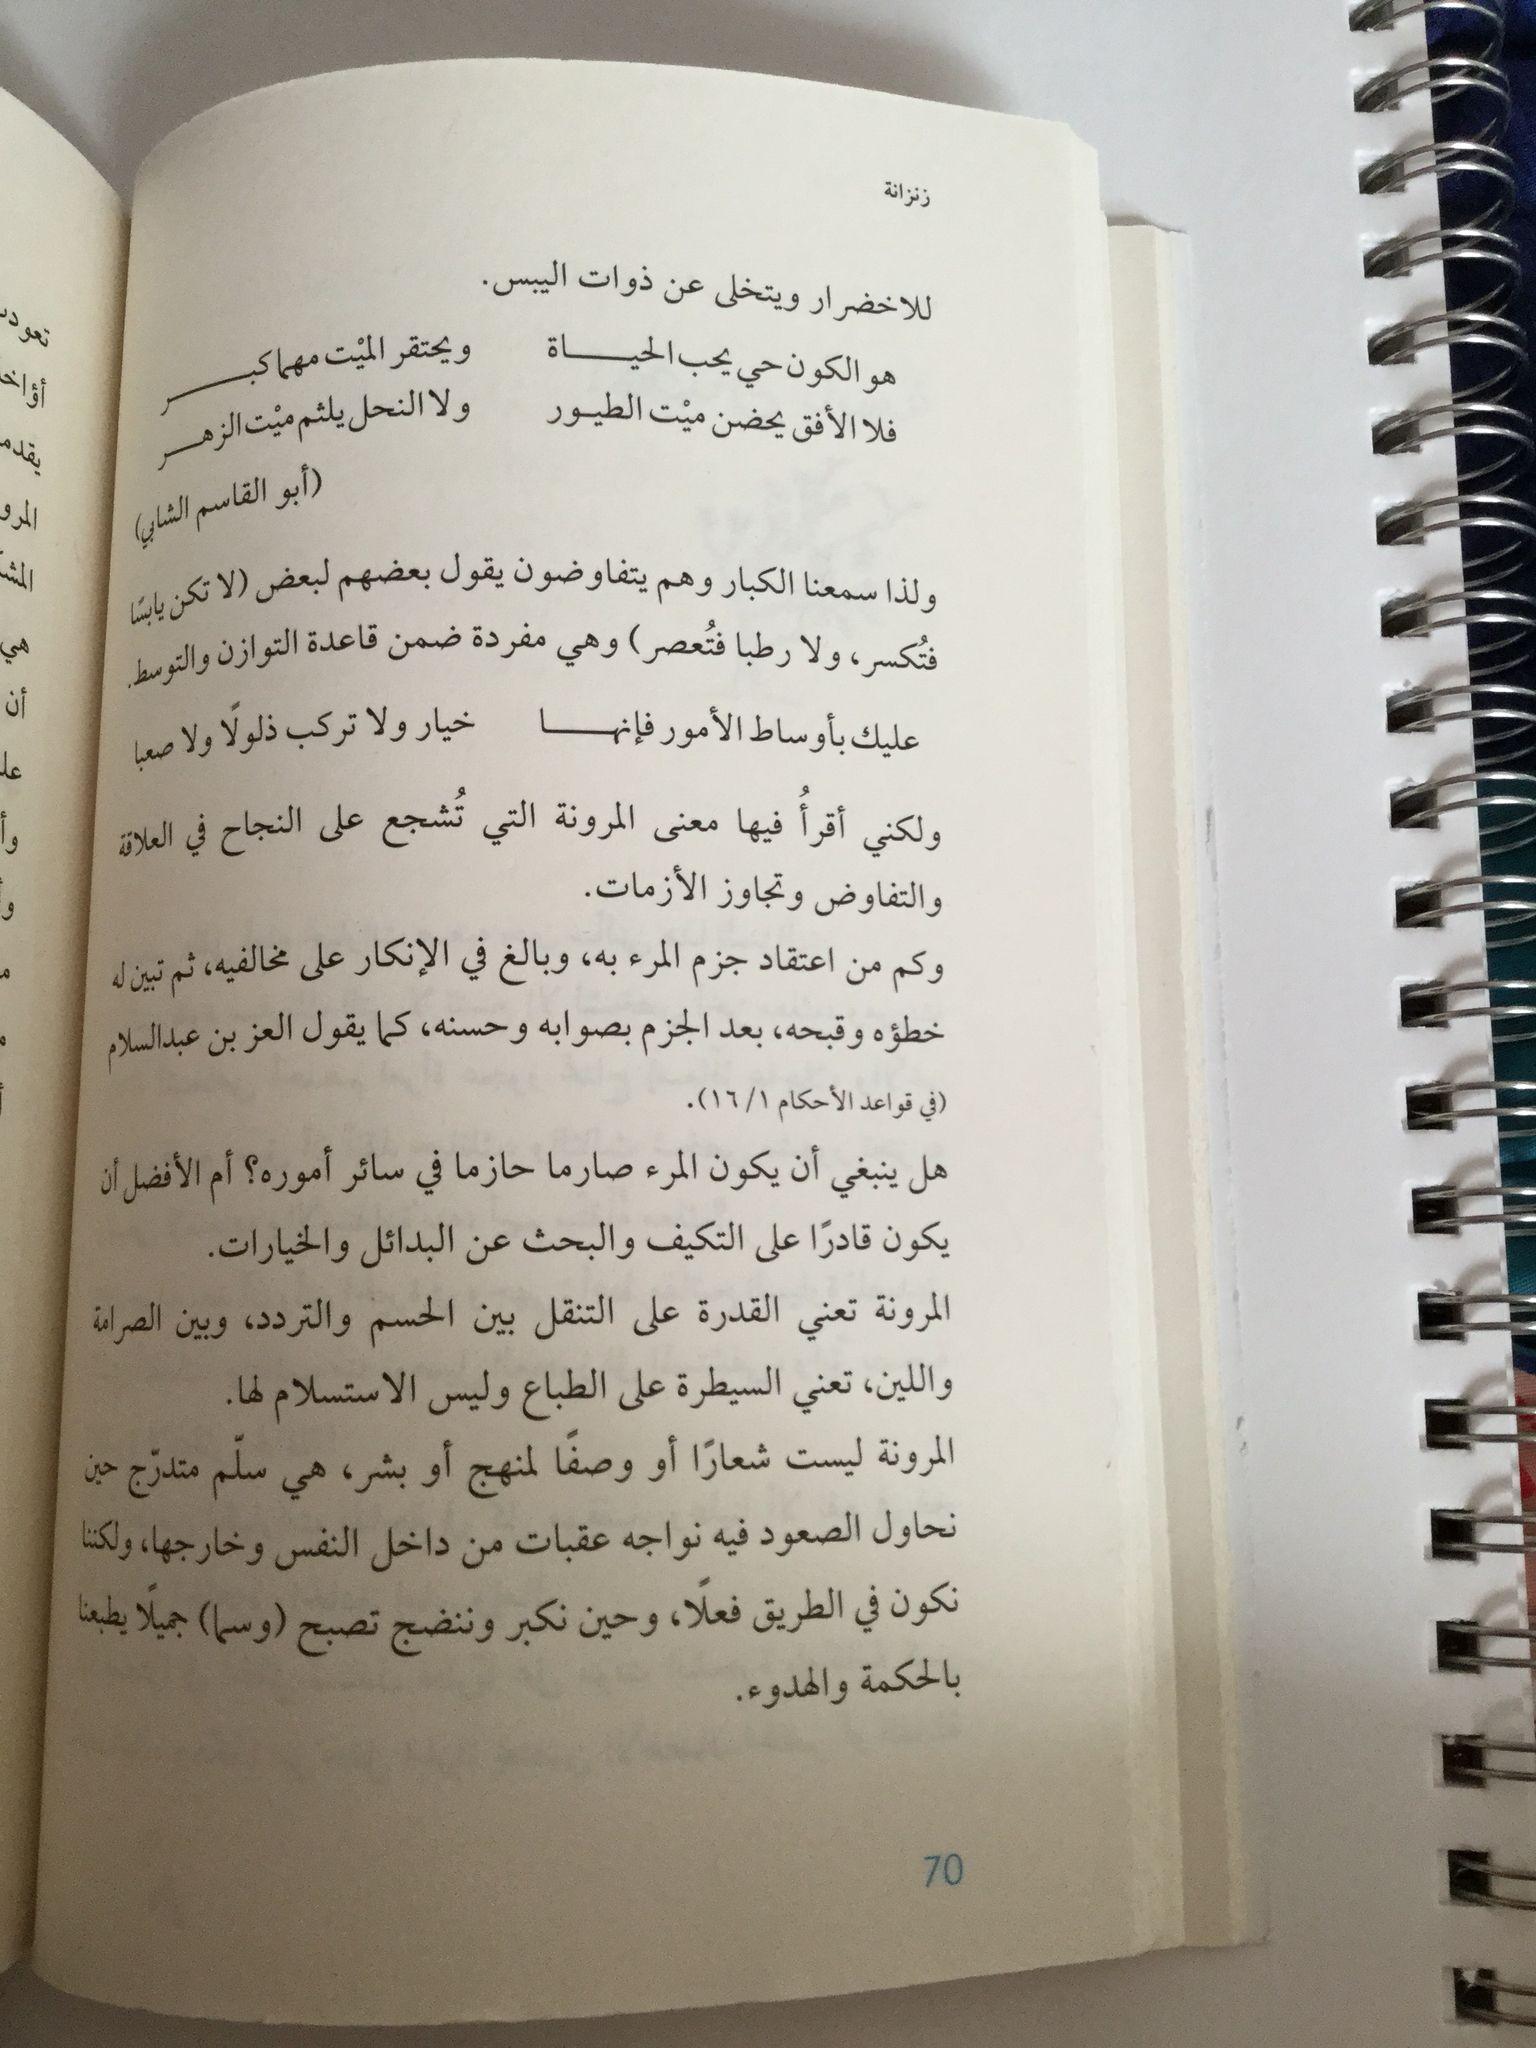 سلمان العوده زنزانه Bullet Journal Books To Read Quotes